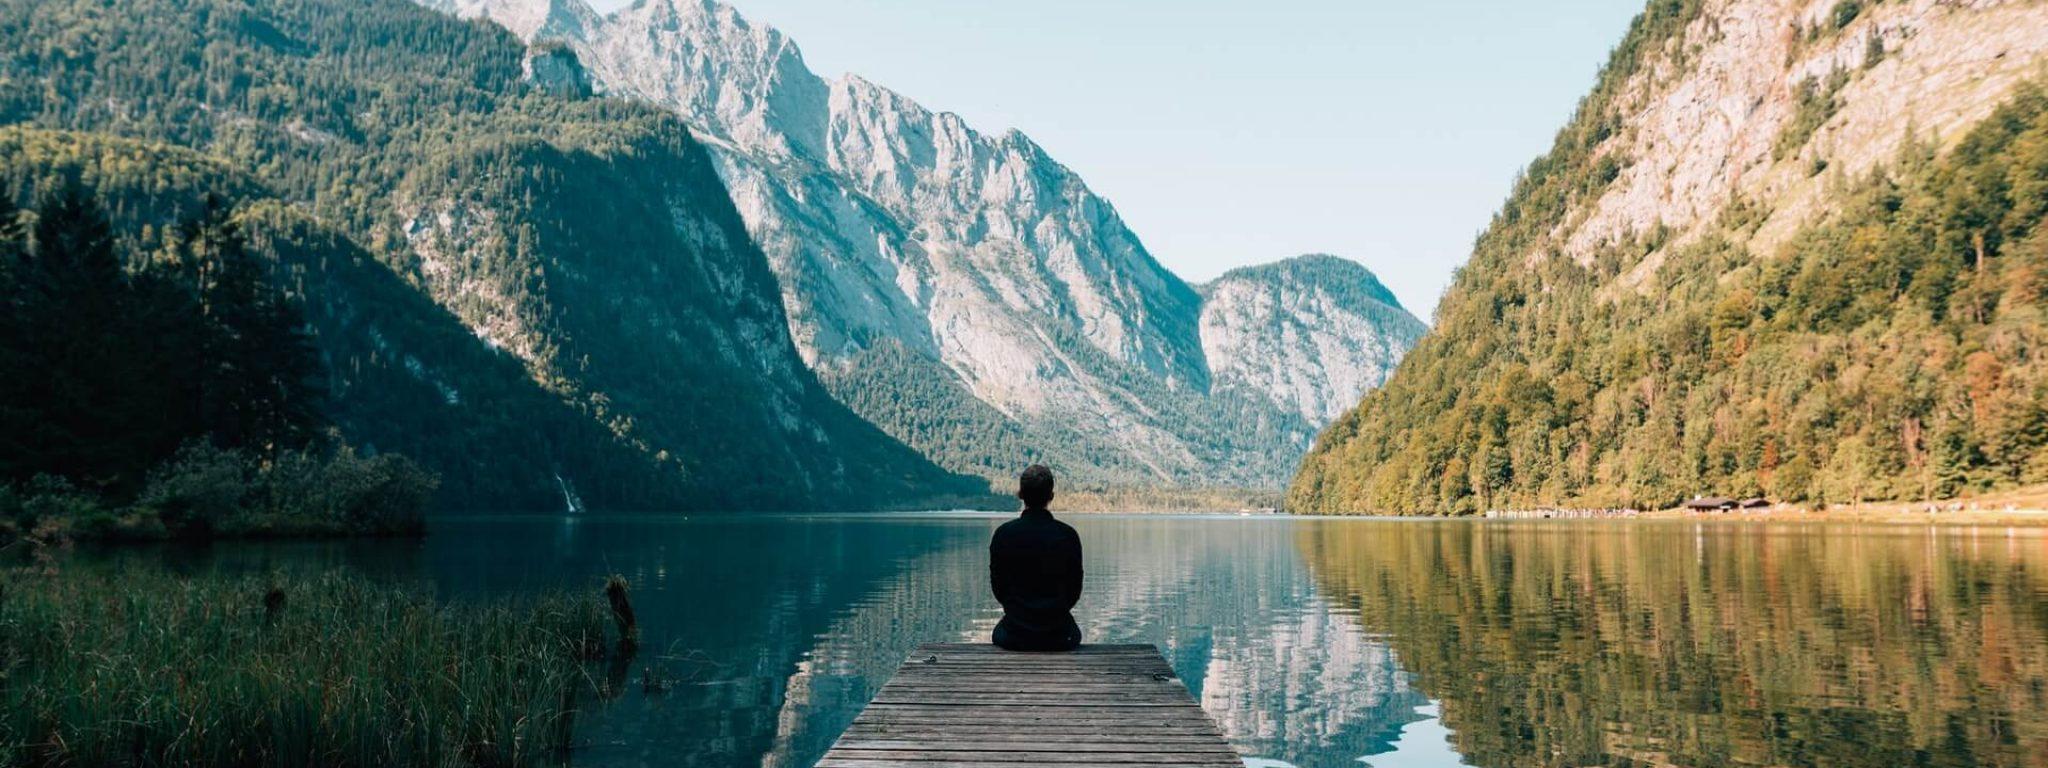 Medytacja w przyrodzie mindfulness dla początkujących - Biohac